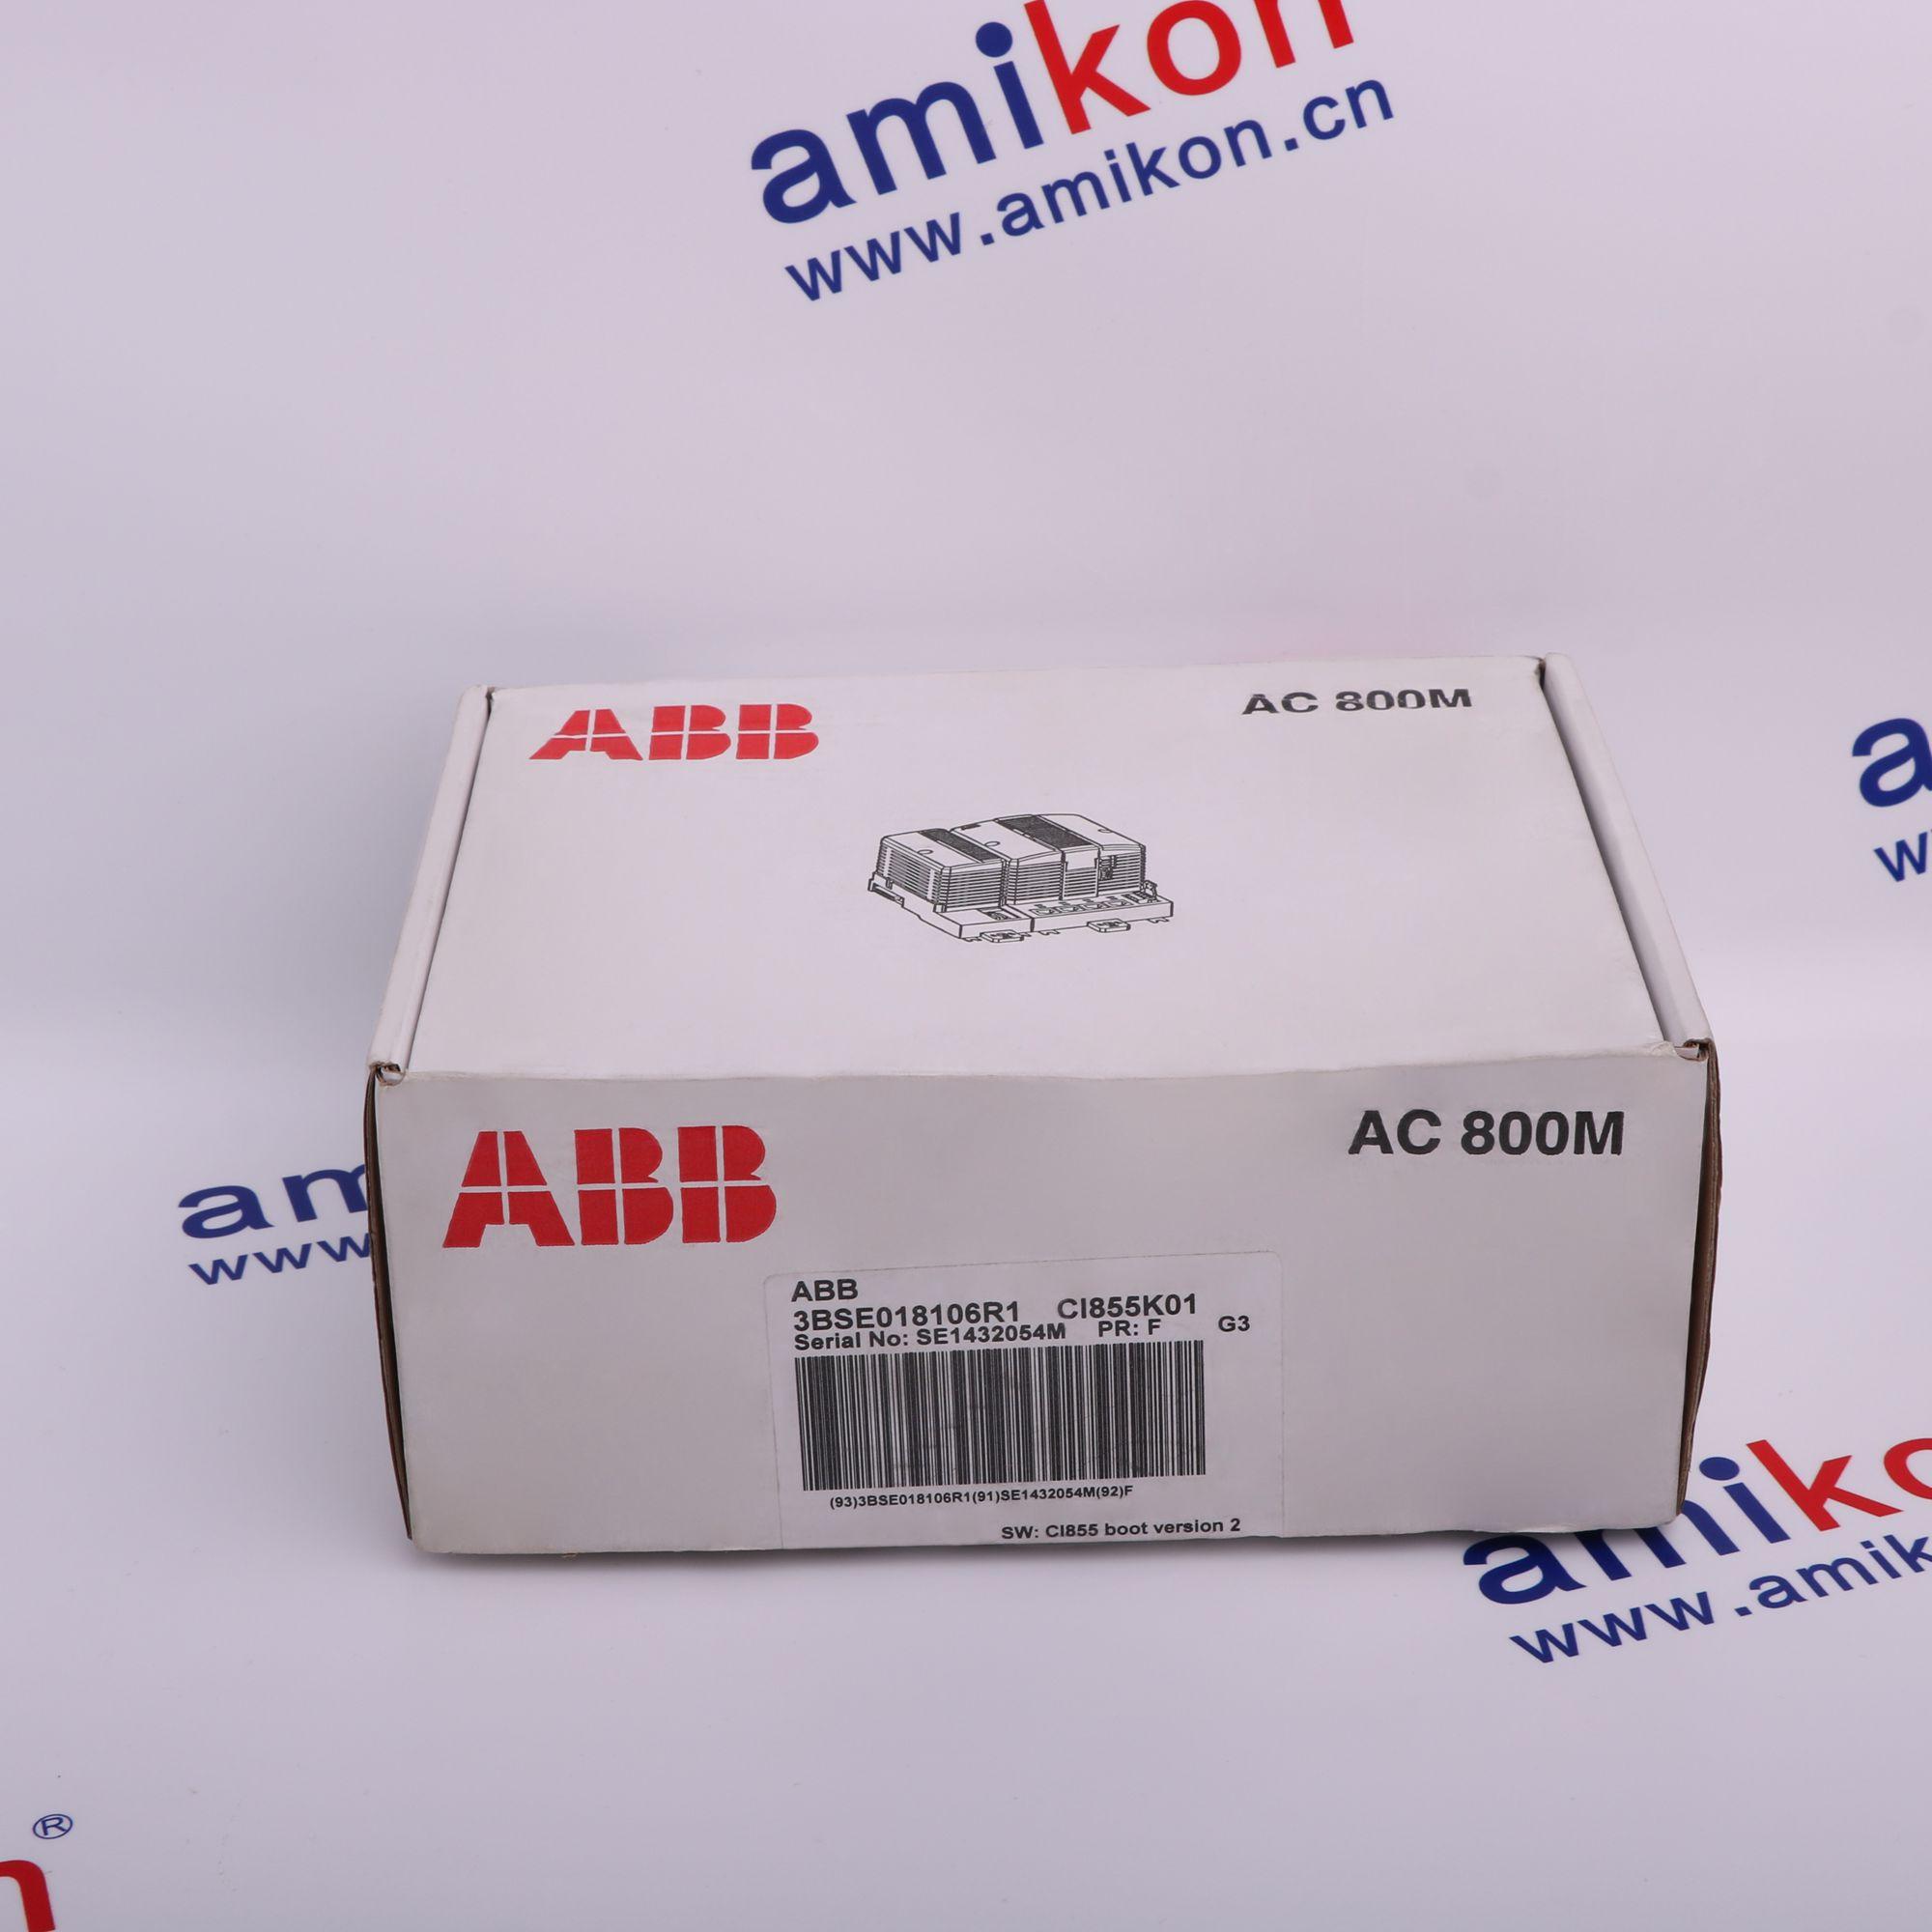 HIEE200072R2 USB030AE02